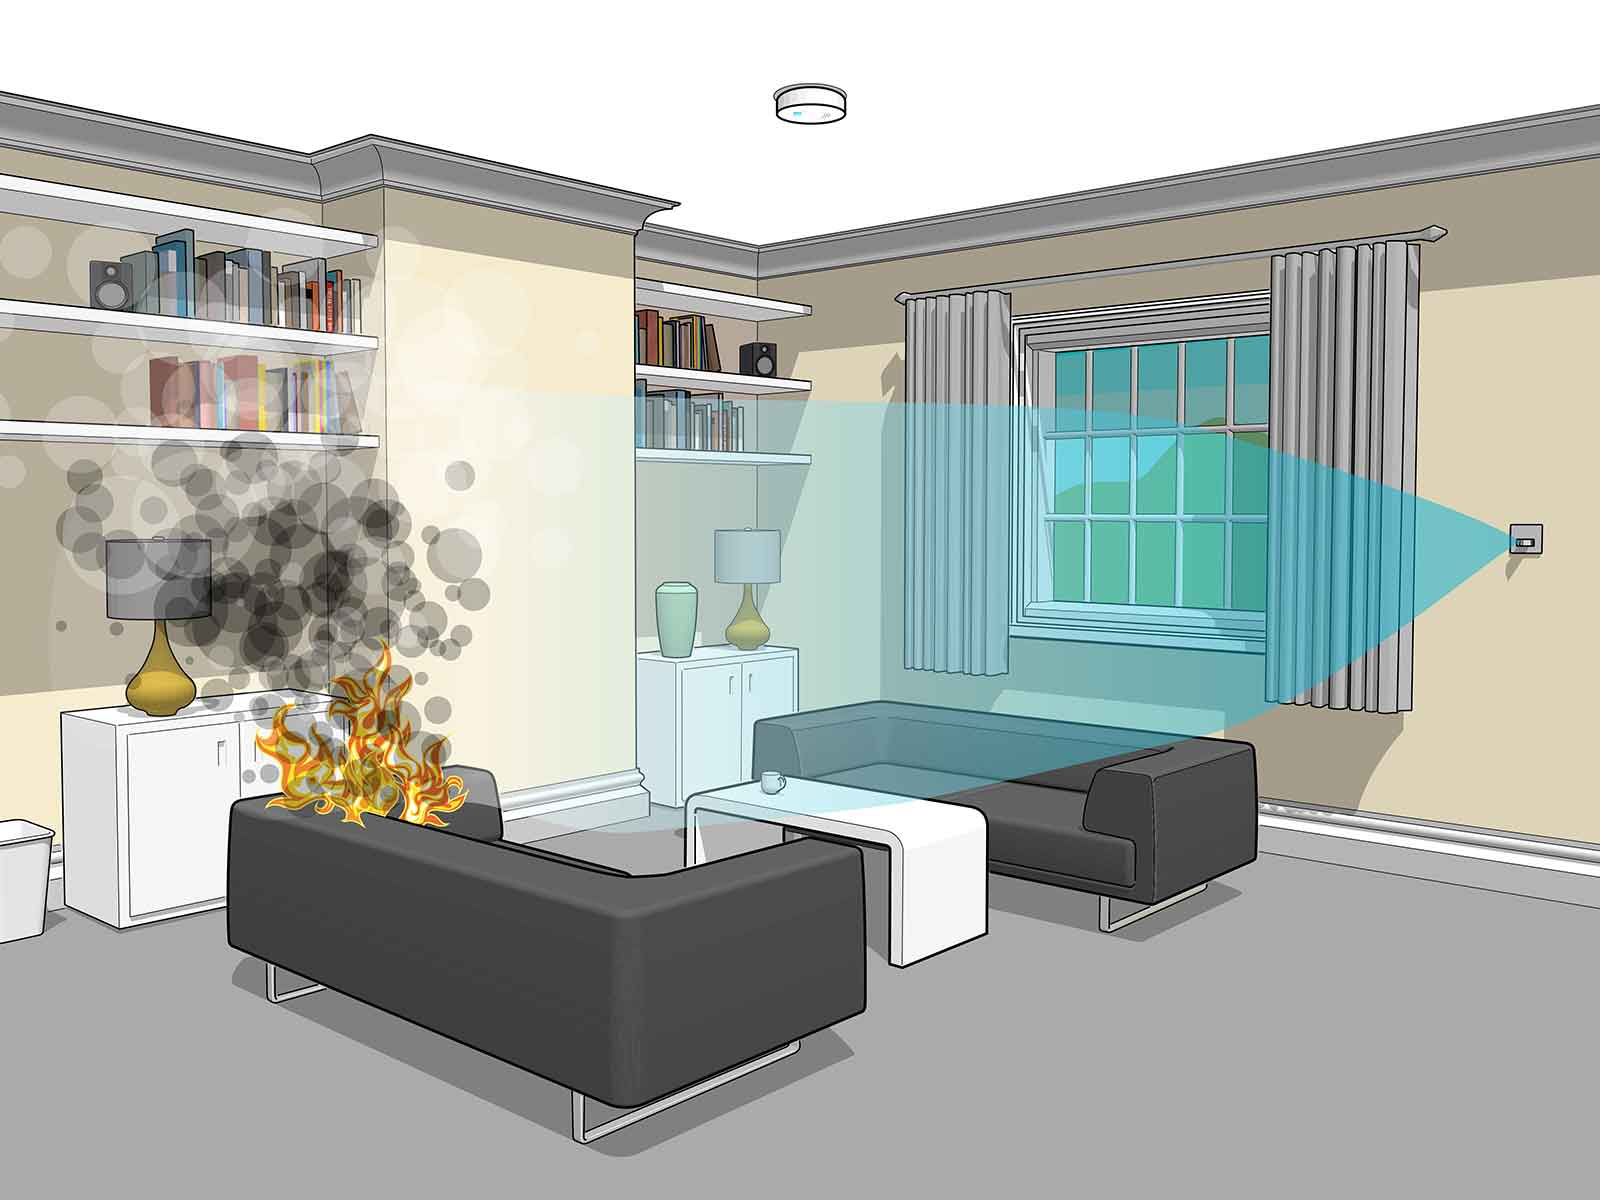 Automatizovani sprinkler sistem koji prska samo u smeru vatre